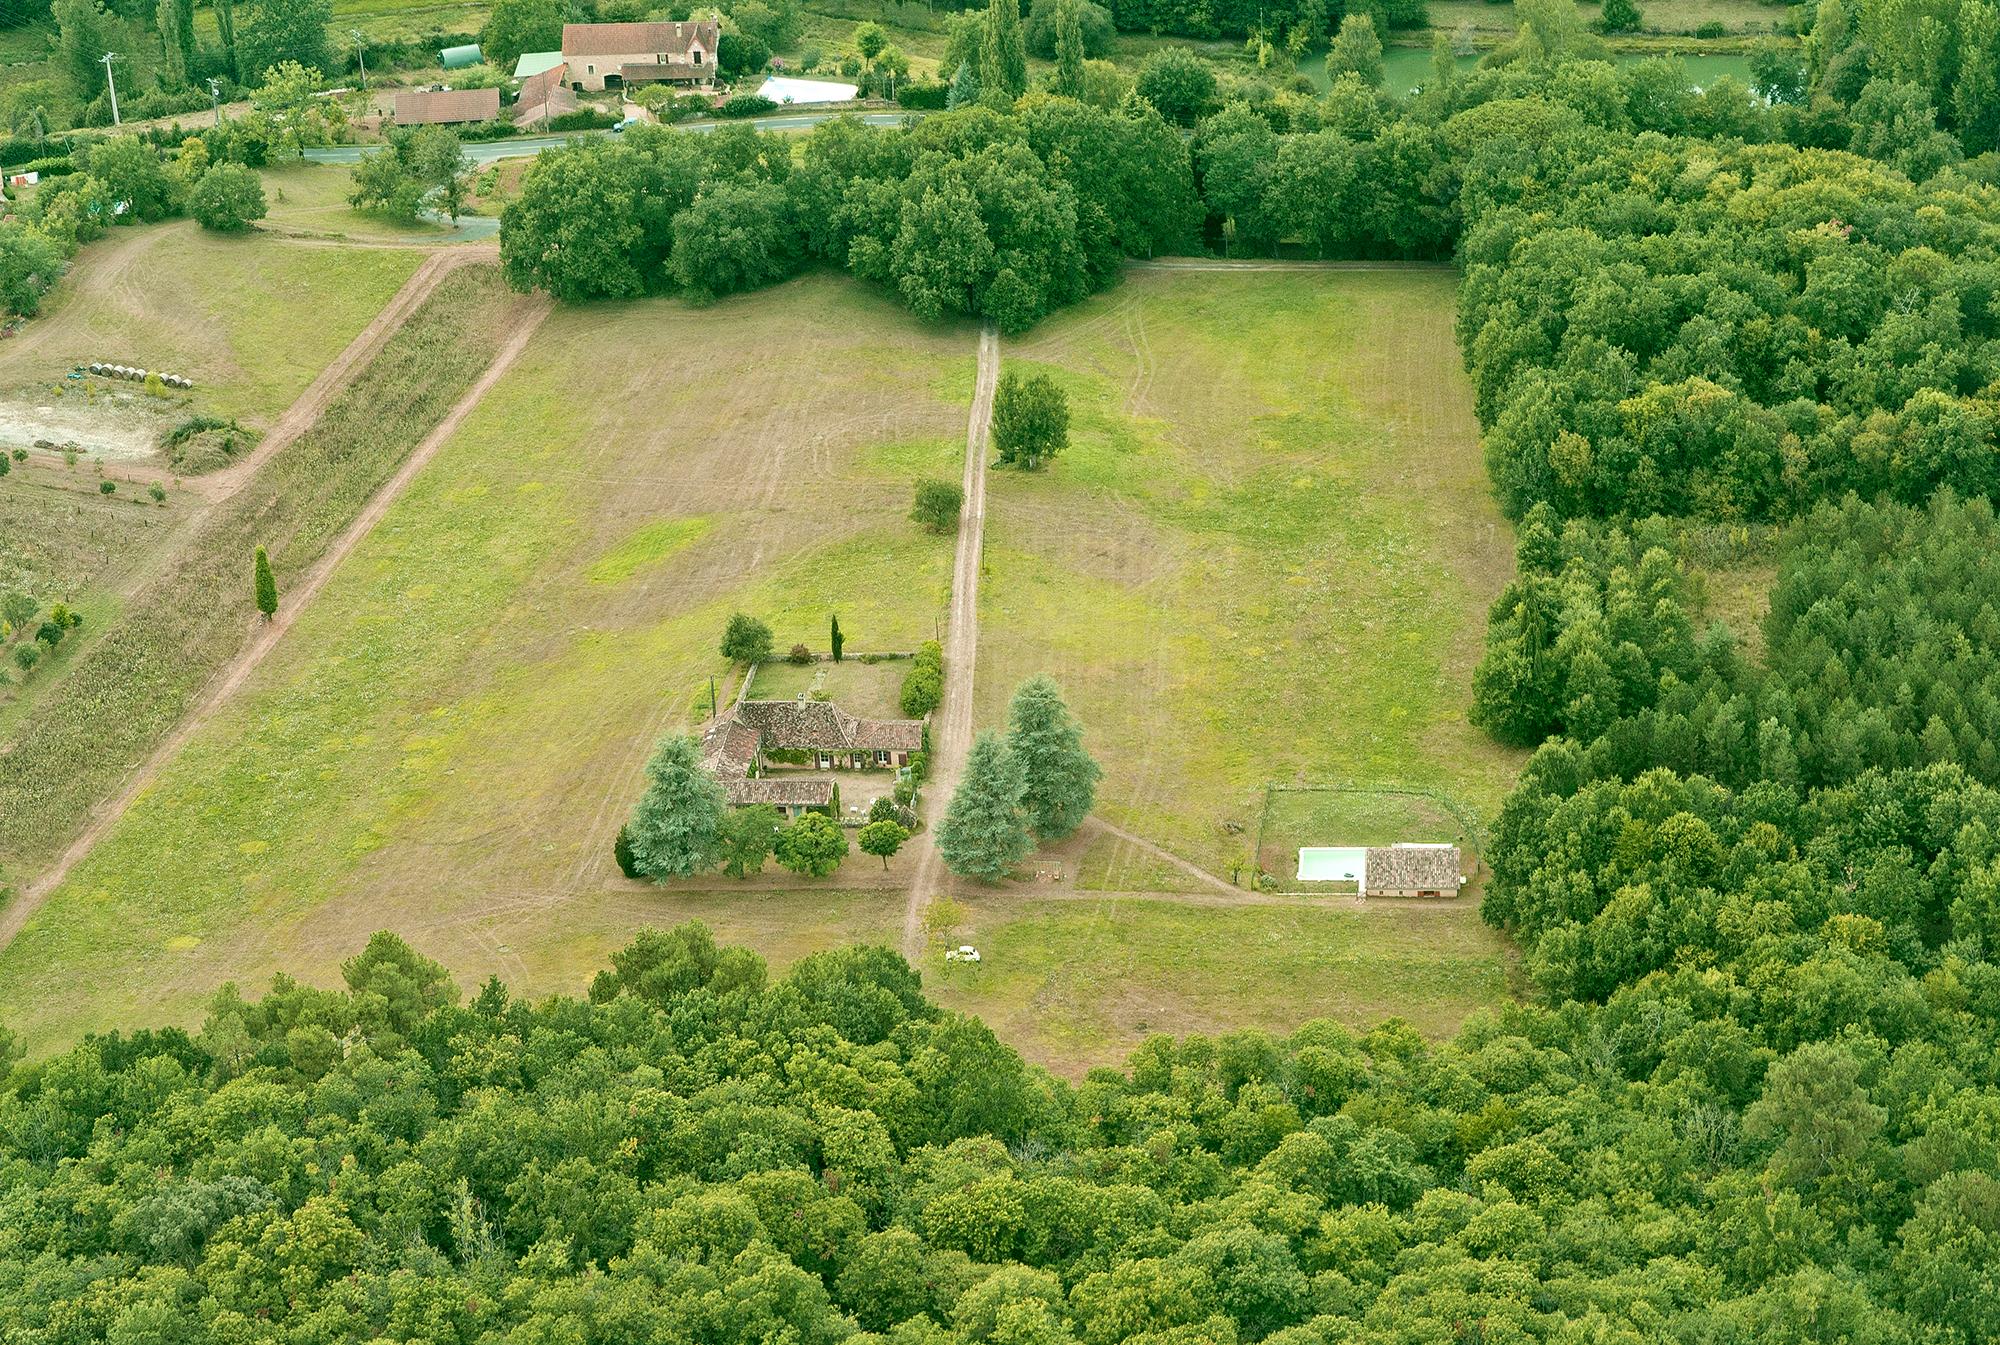 Les hauts champs vue du ciel maison ancienne de charme for Photo vue du ciel de ma maison